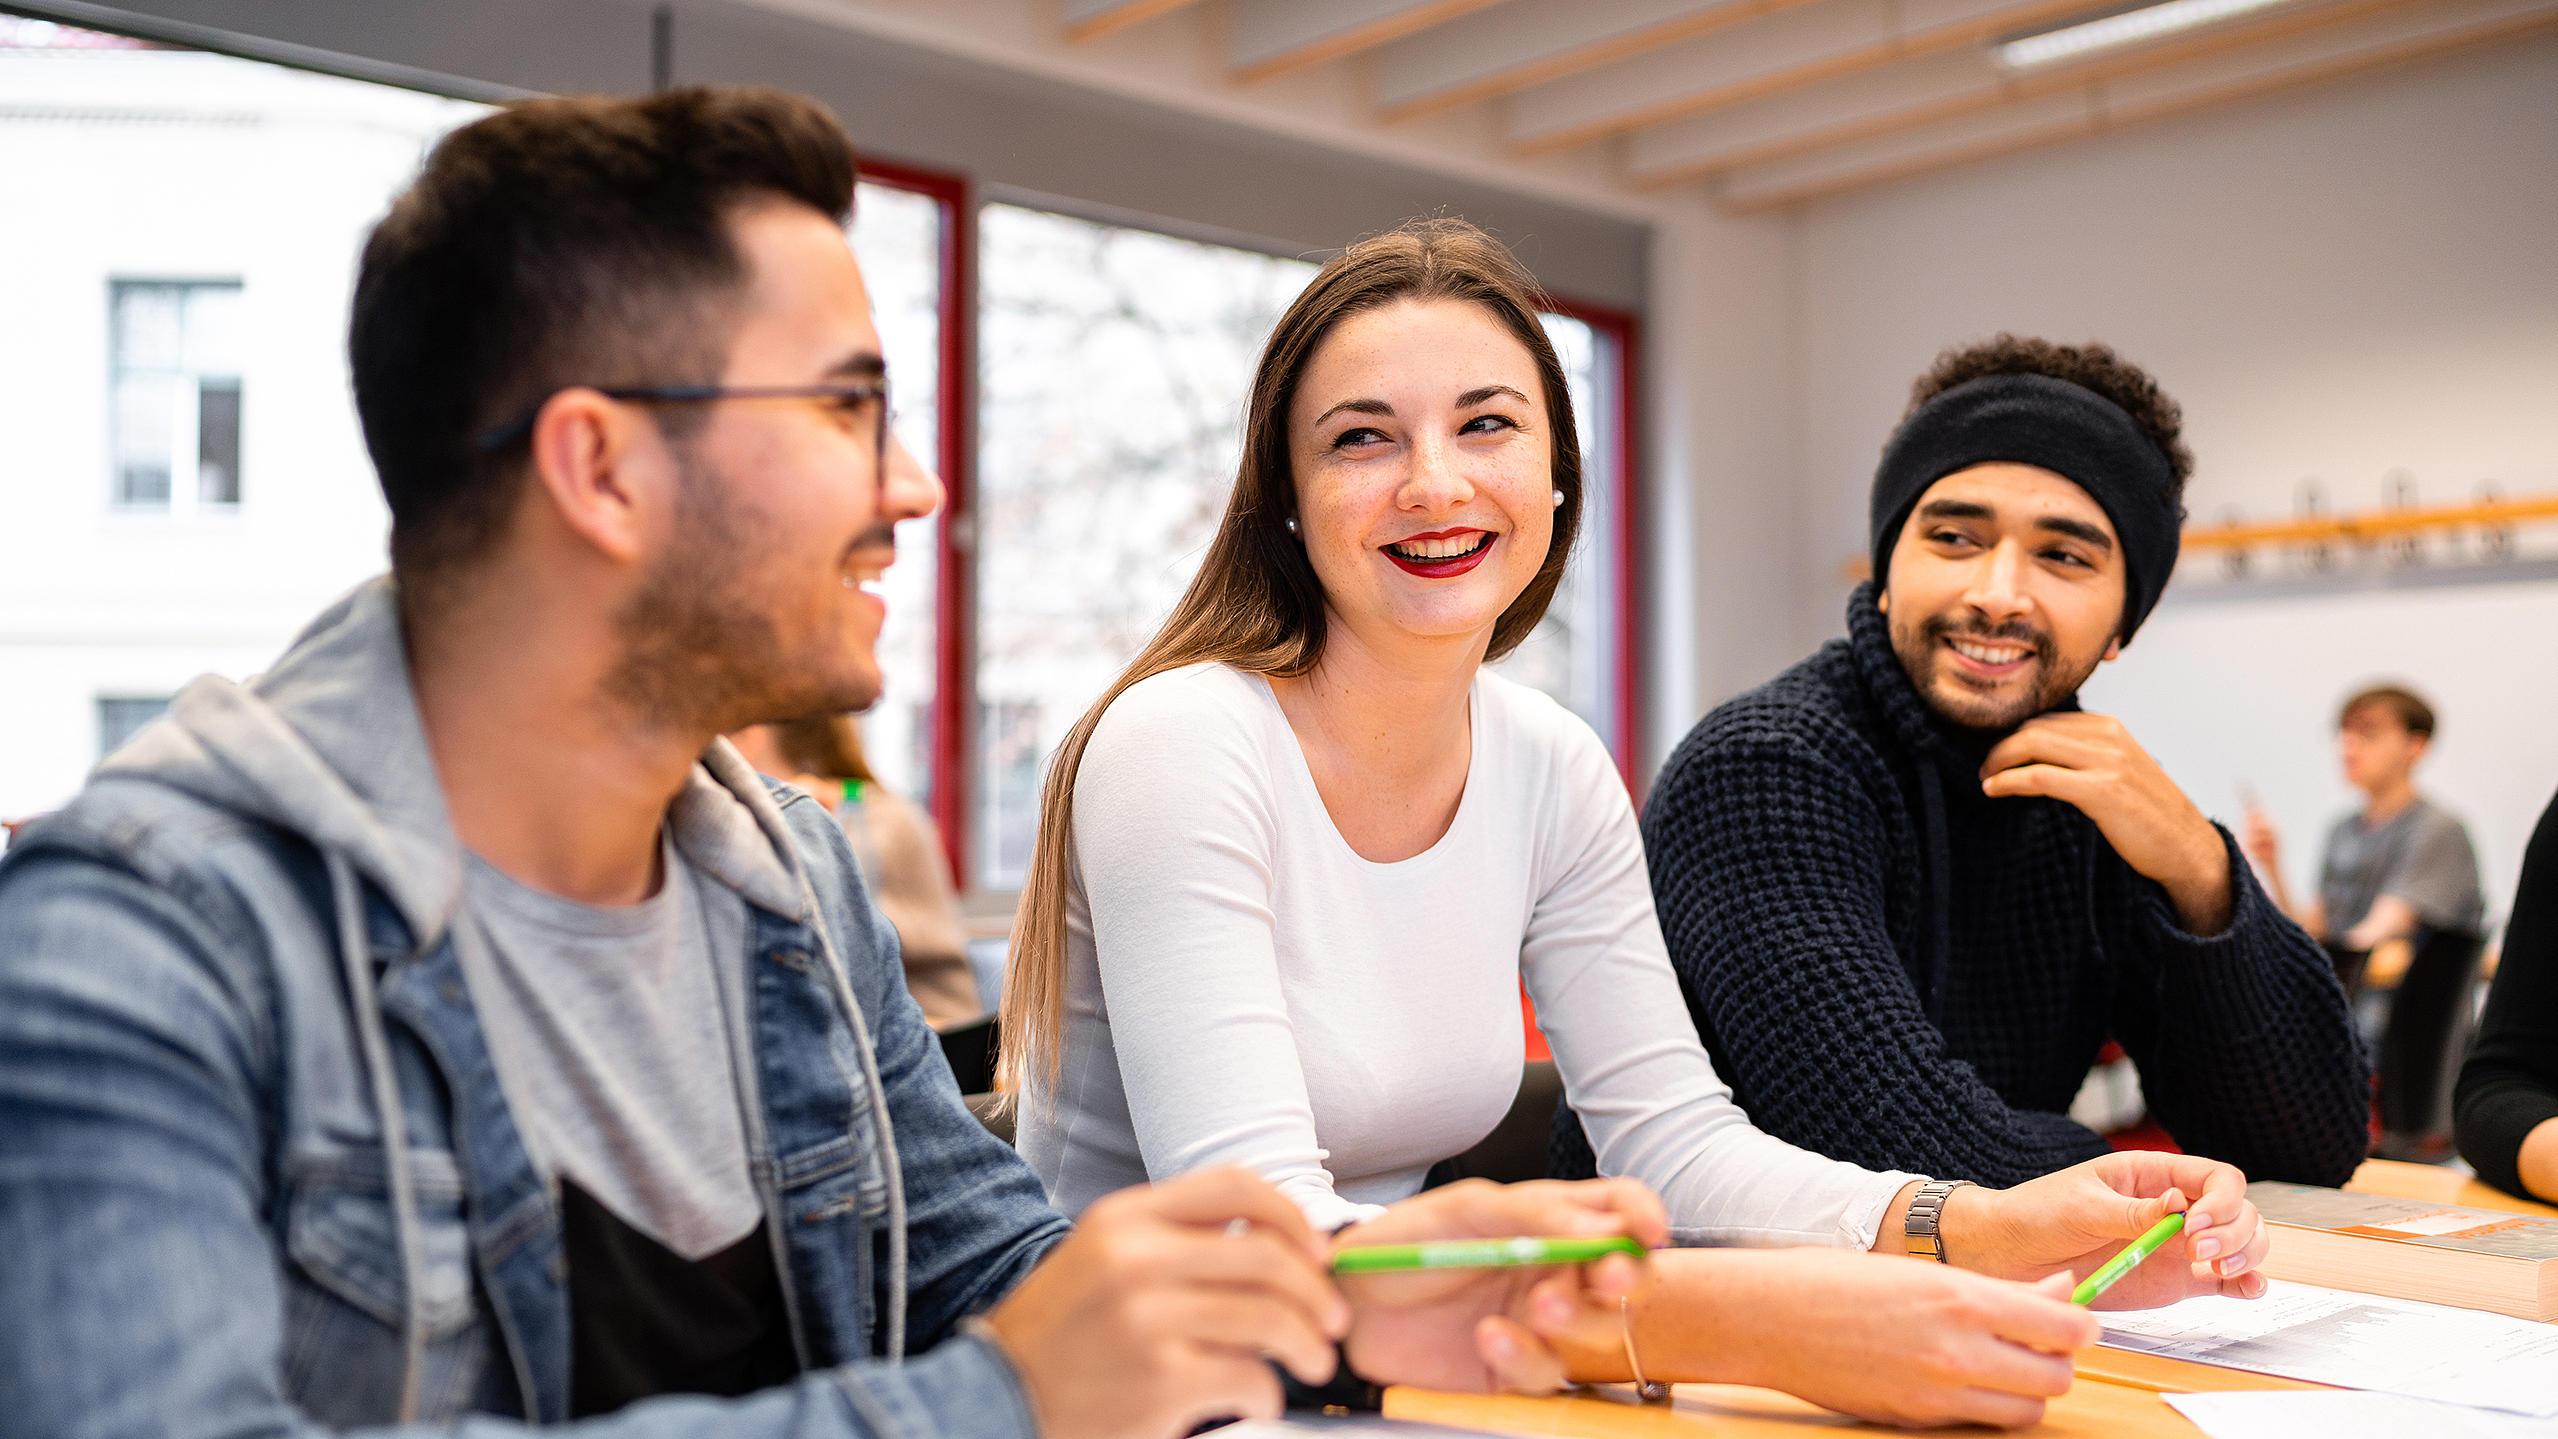 Drei Studierende sitzen am Tisch, unterhalten sich und lachen dabei.